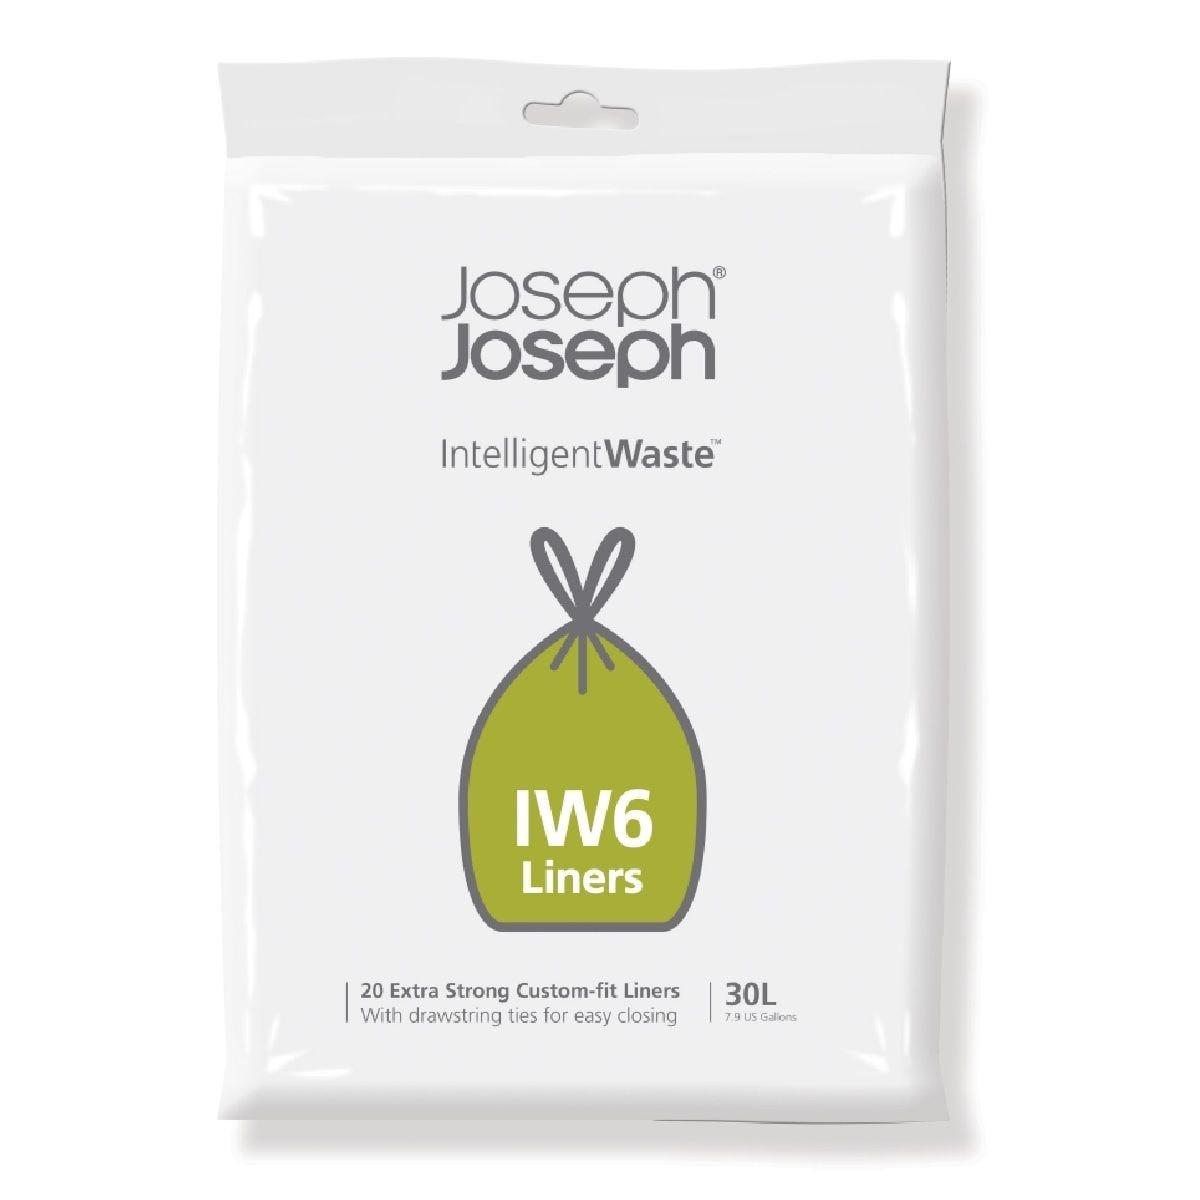 Joseph Joseph IW6 30L Custom-fit liners - 20 pack